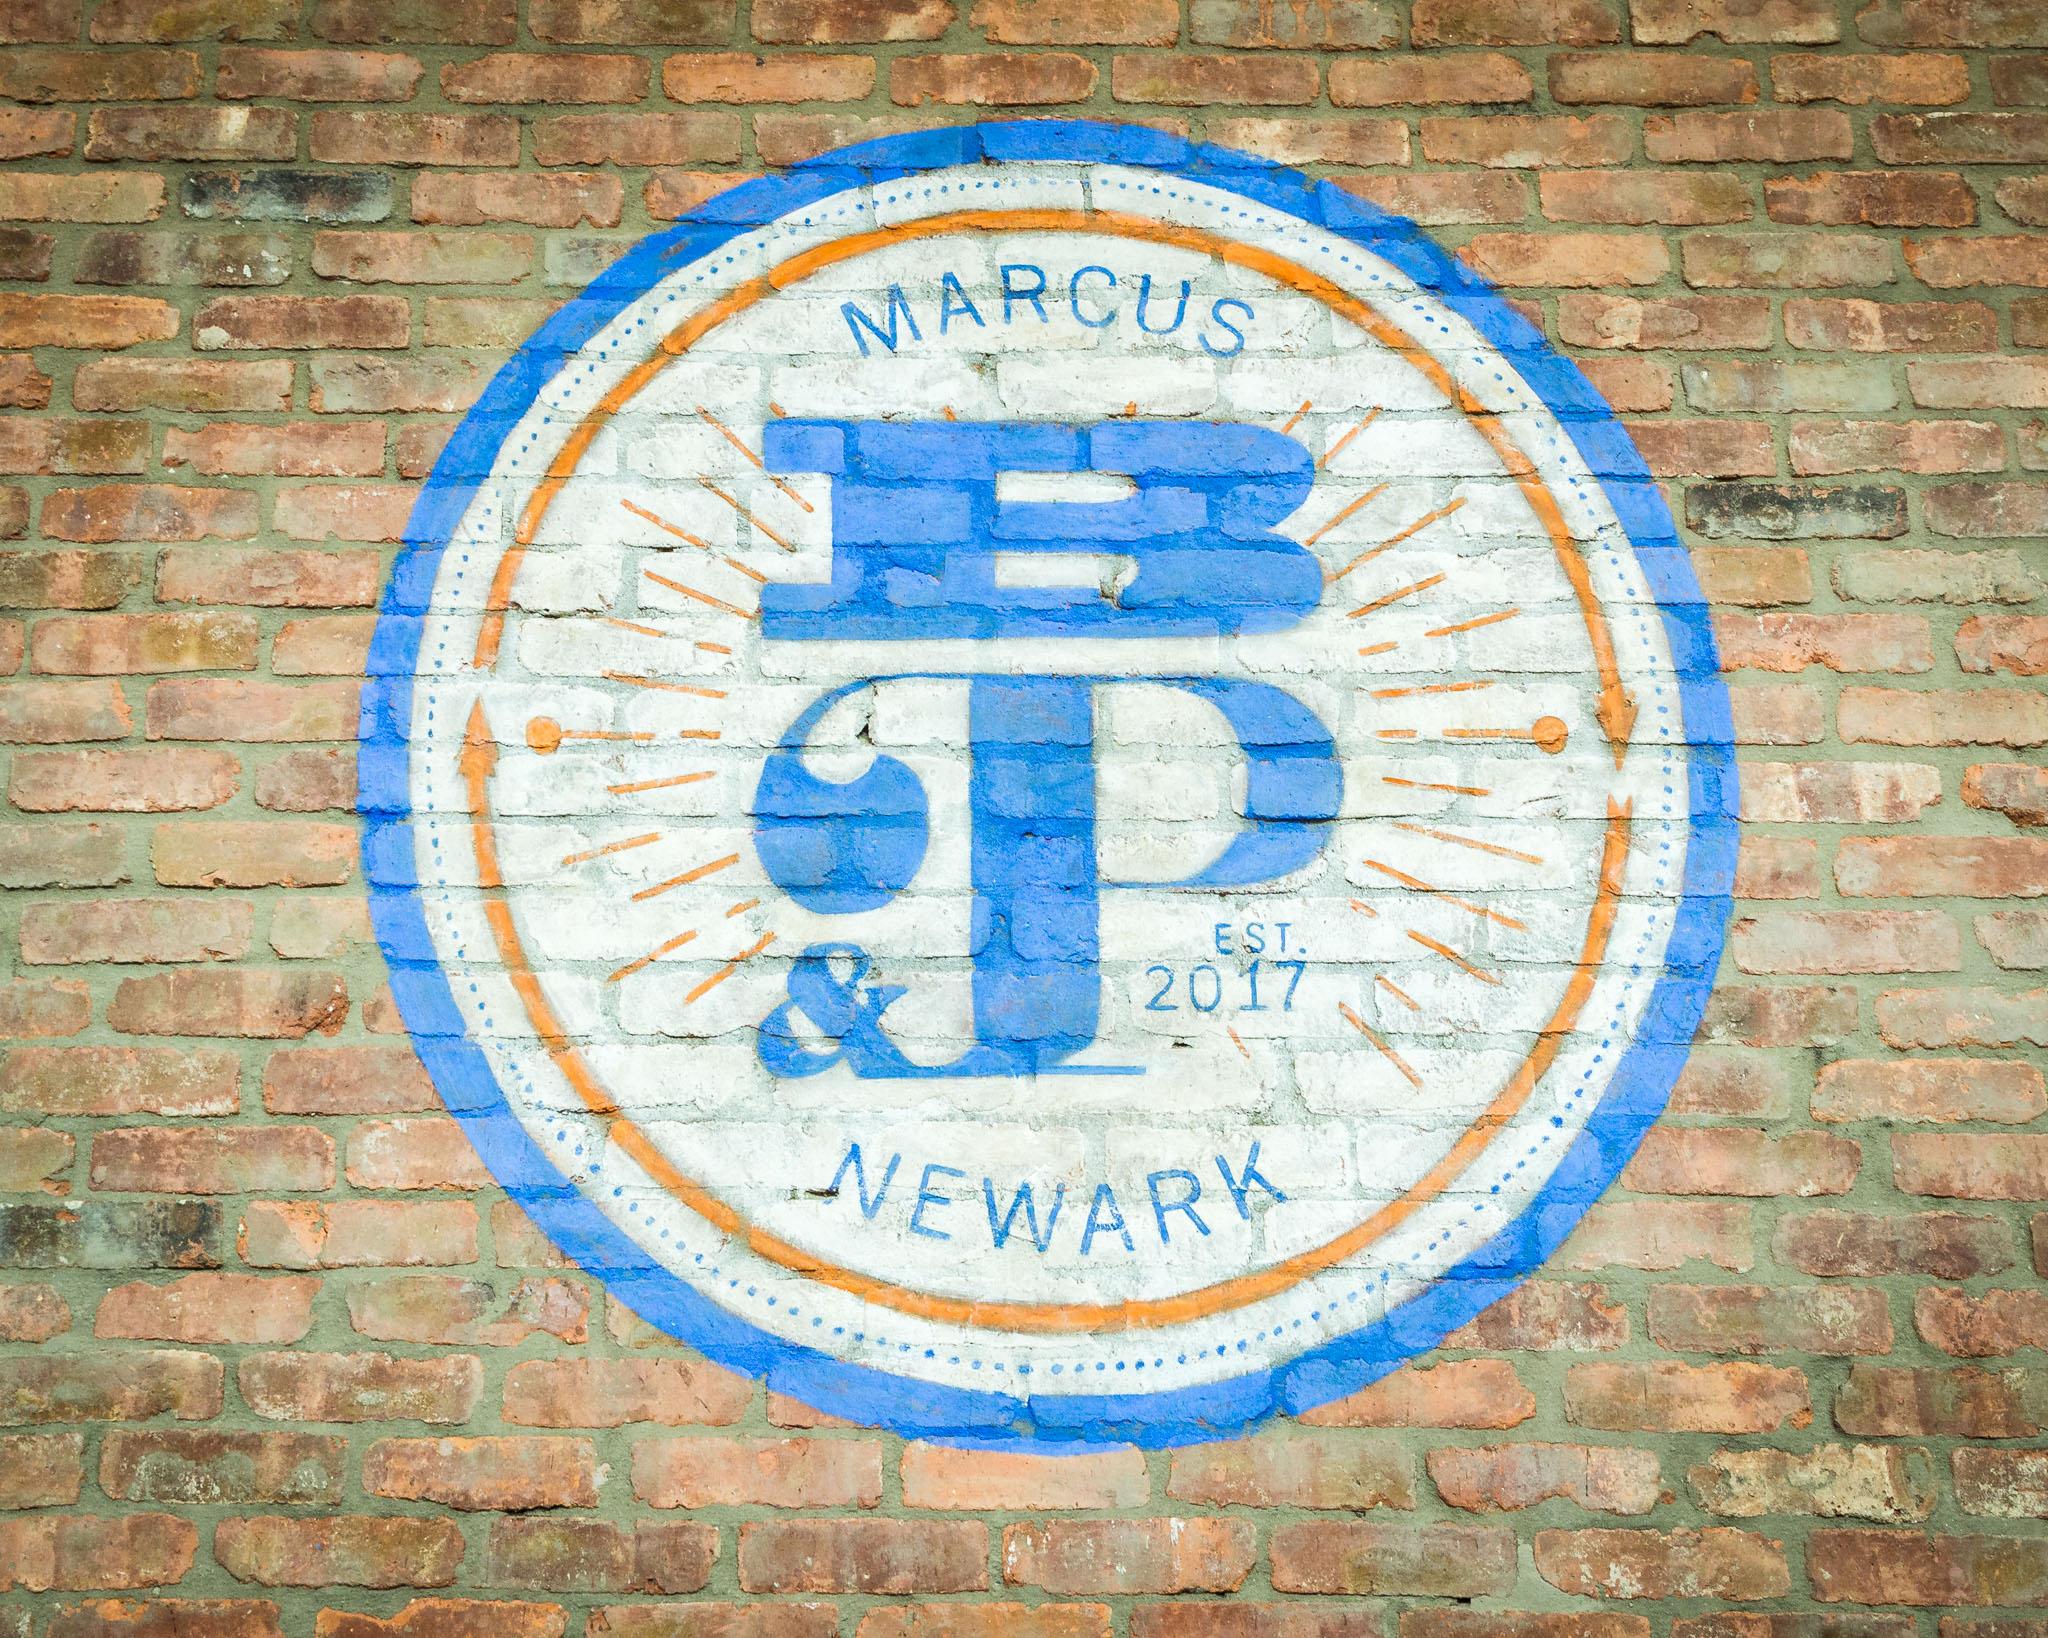 Marcus B&P Newark-6